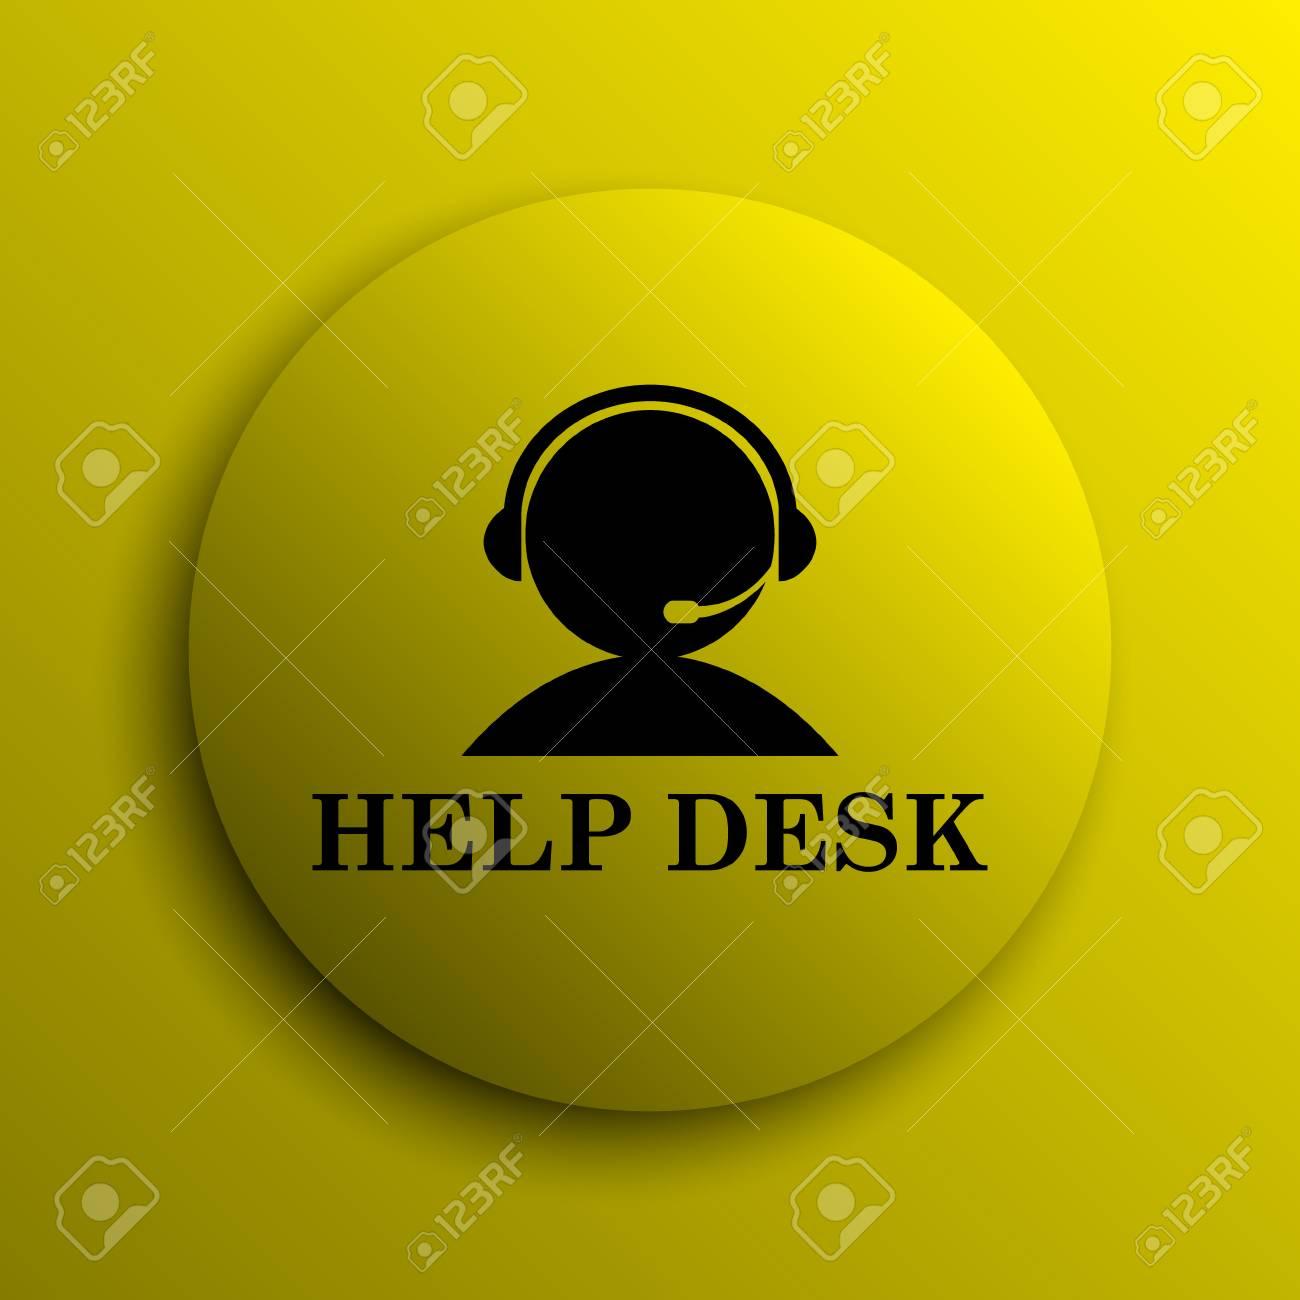 Helpdesk Icon. Yellow Internet Button. Stock Photo   39821332